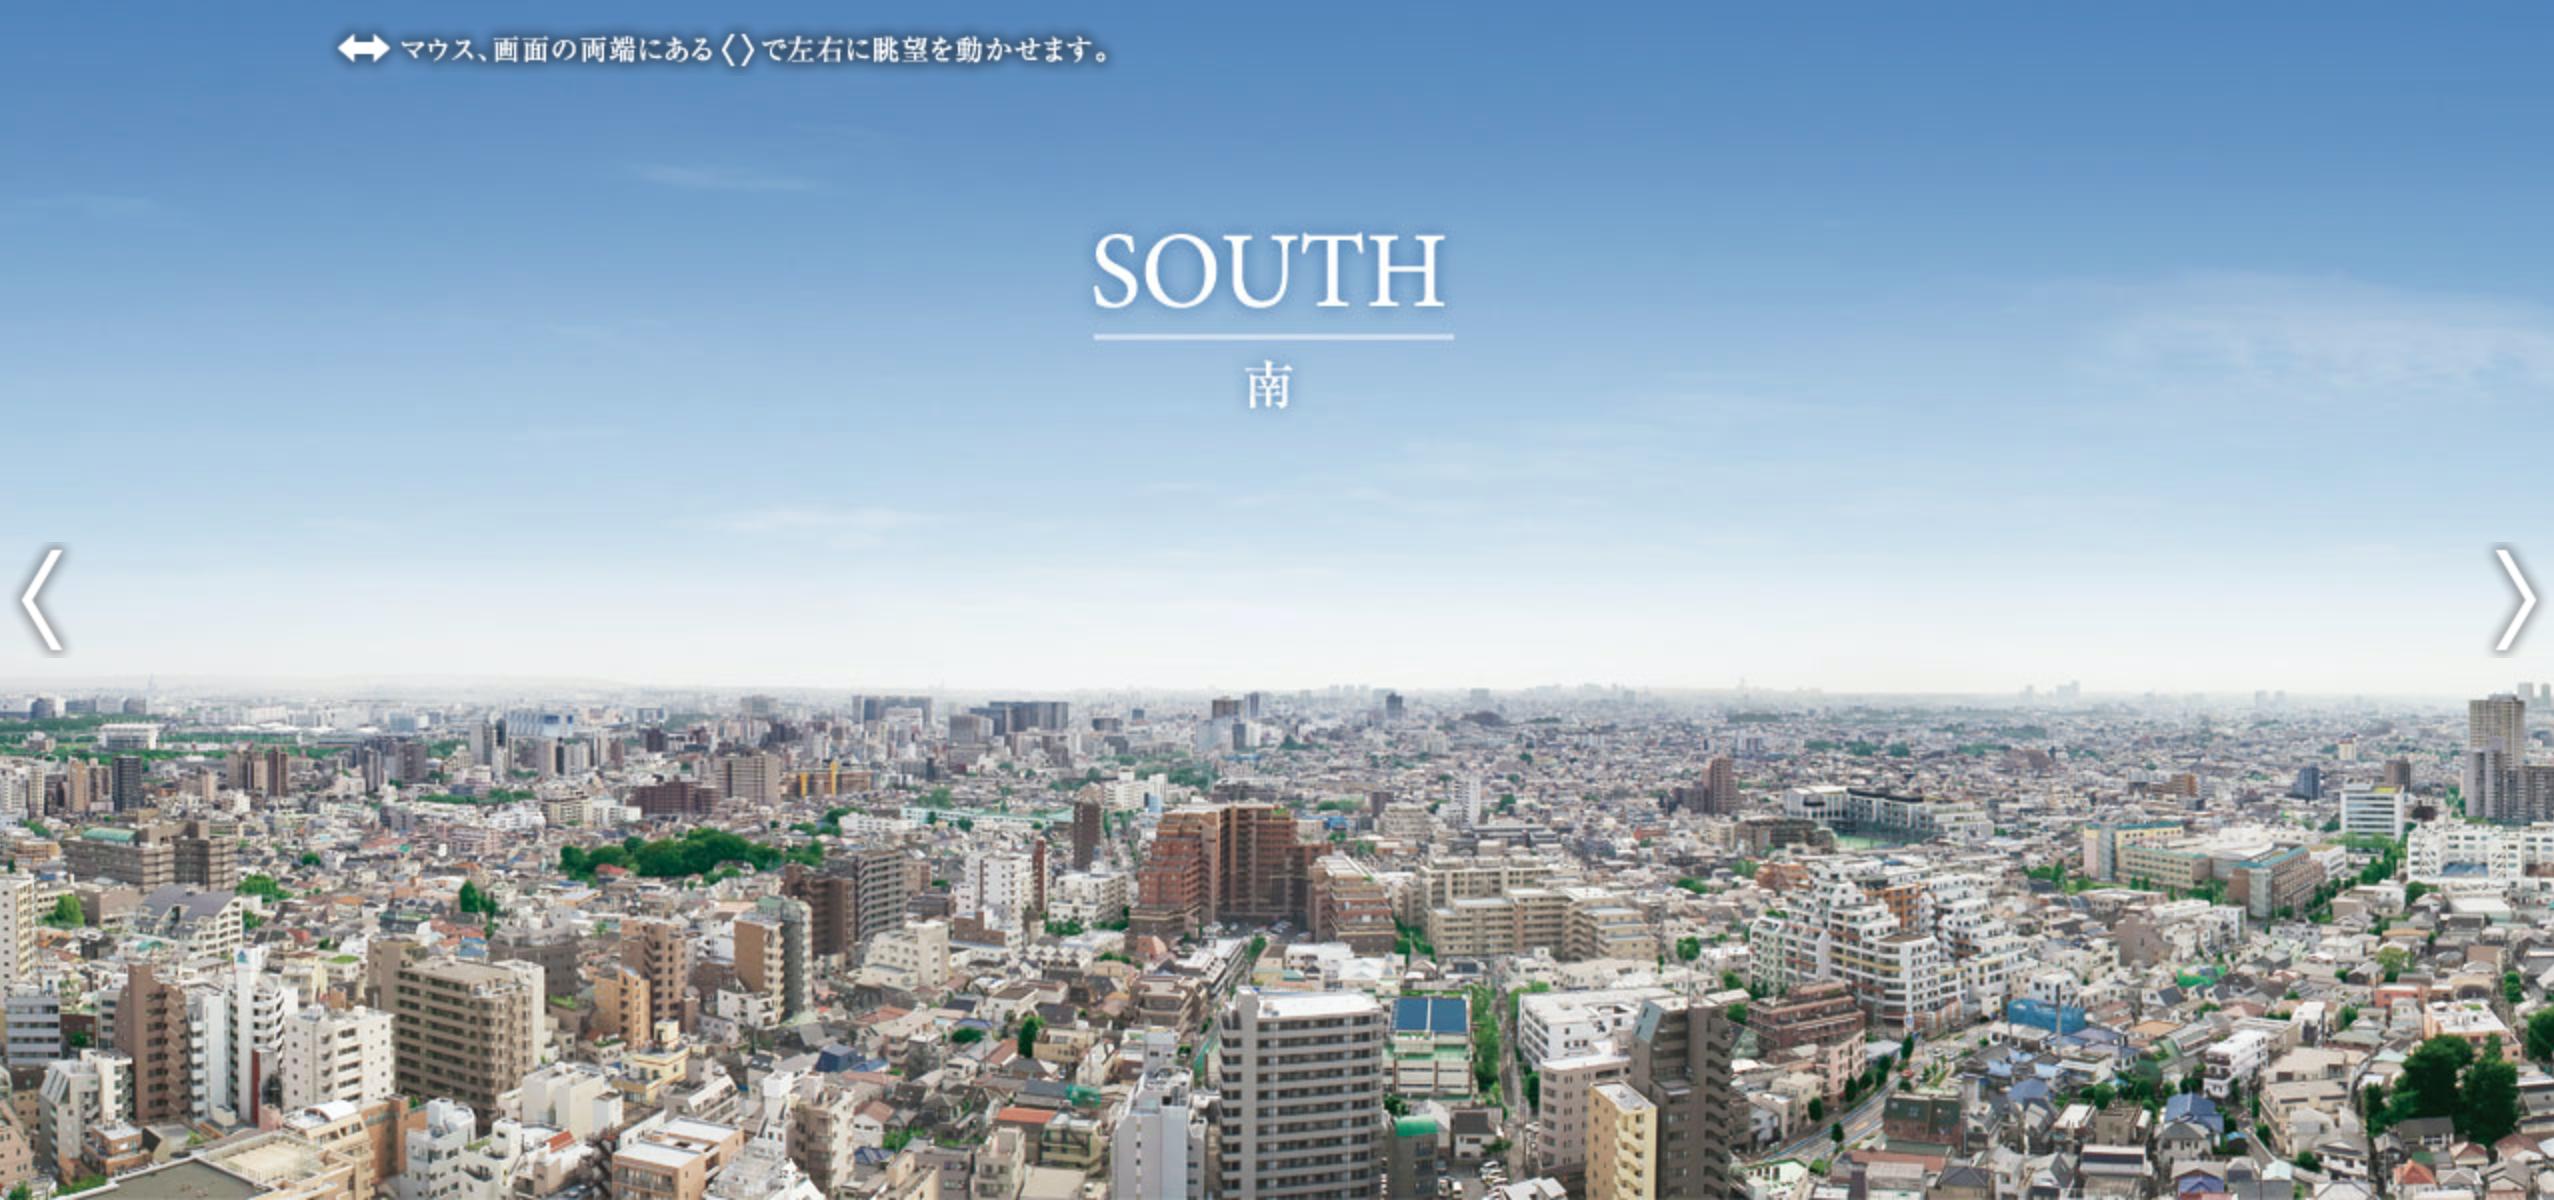 シティタワー大井町南向きの眺望